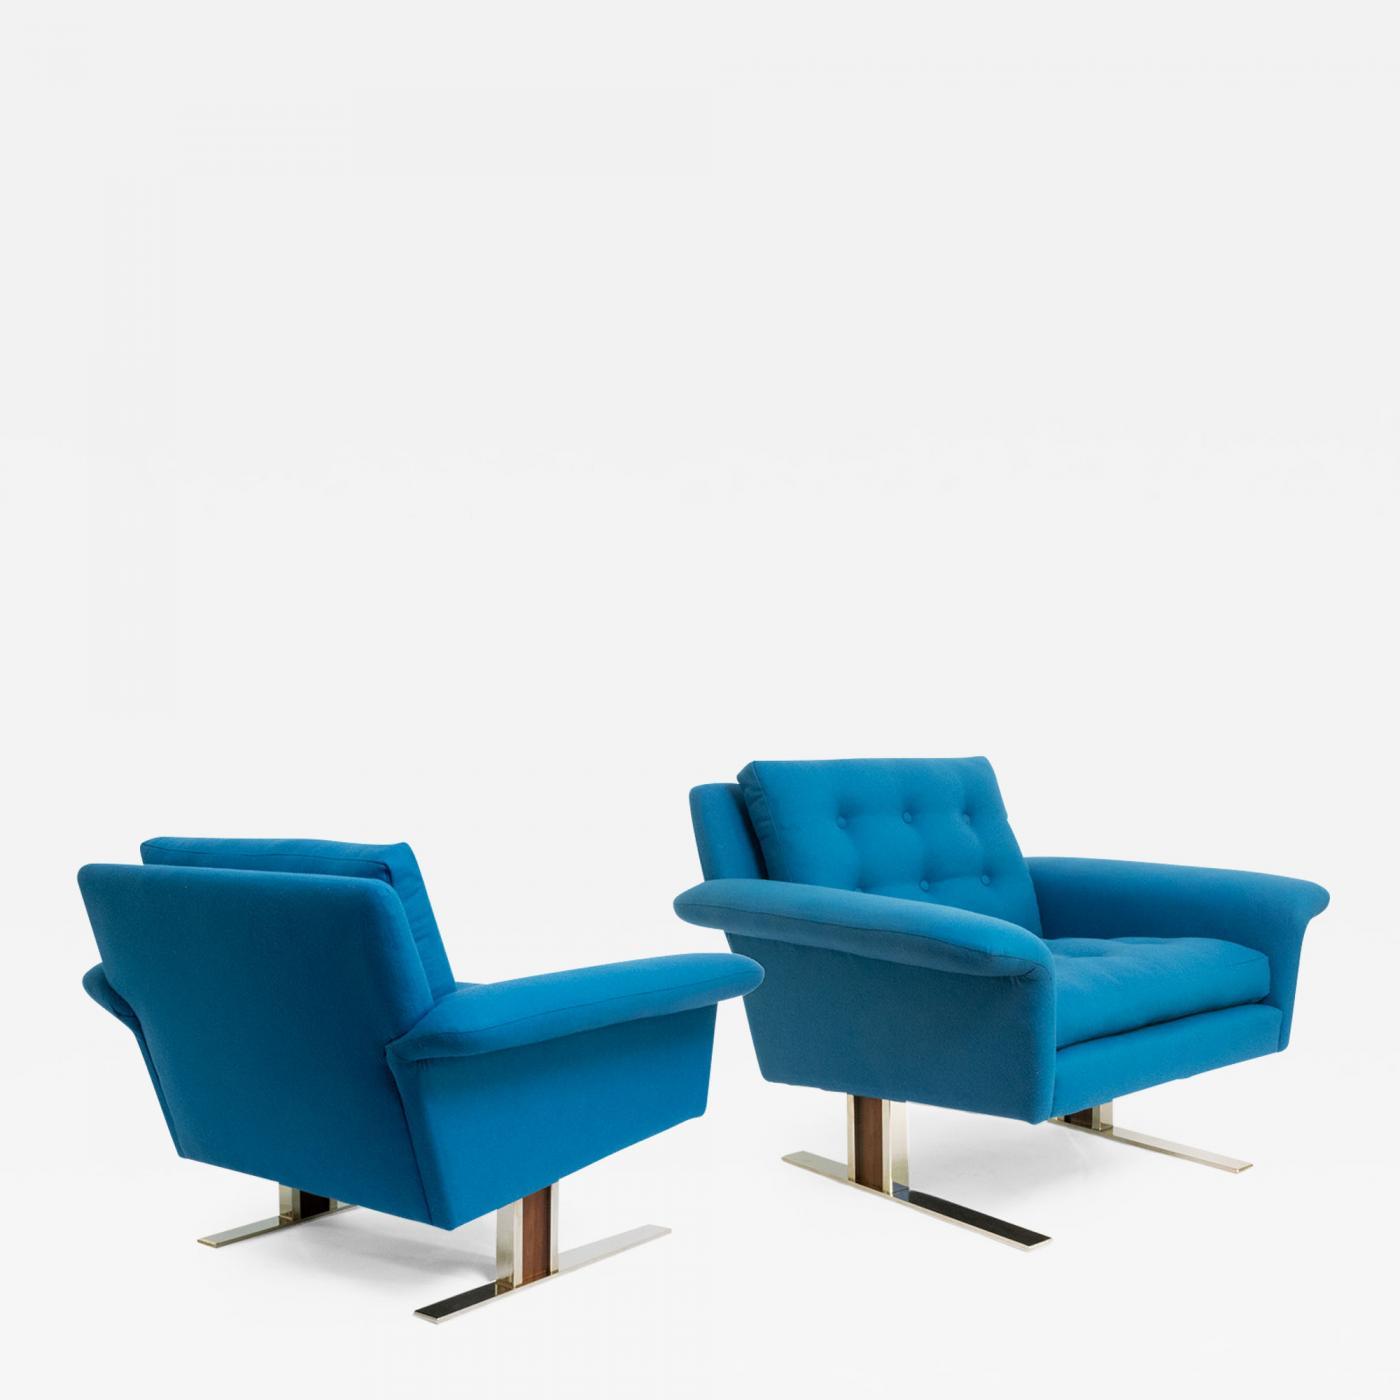 Listings Furniture Seating Armchairs Johannes Andersen Pair Of Scandinavian Modern